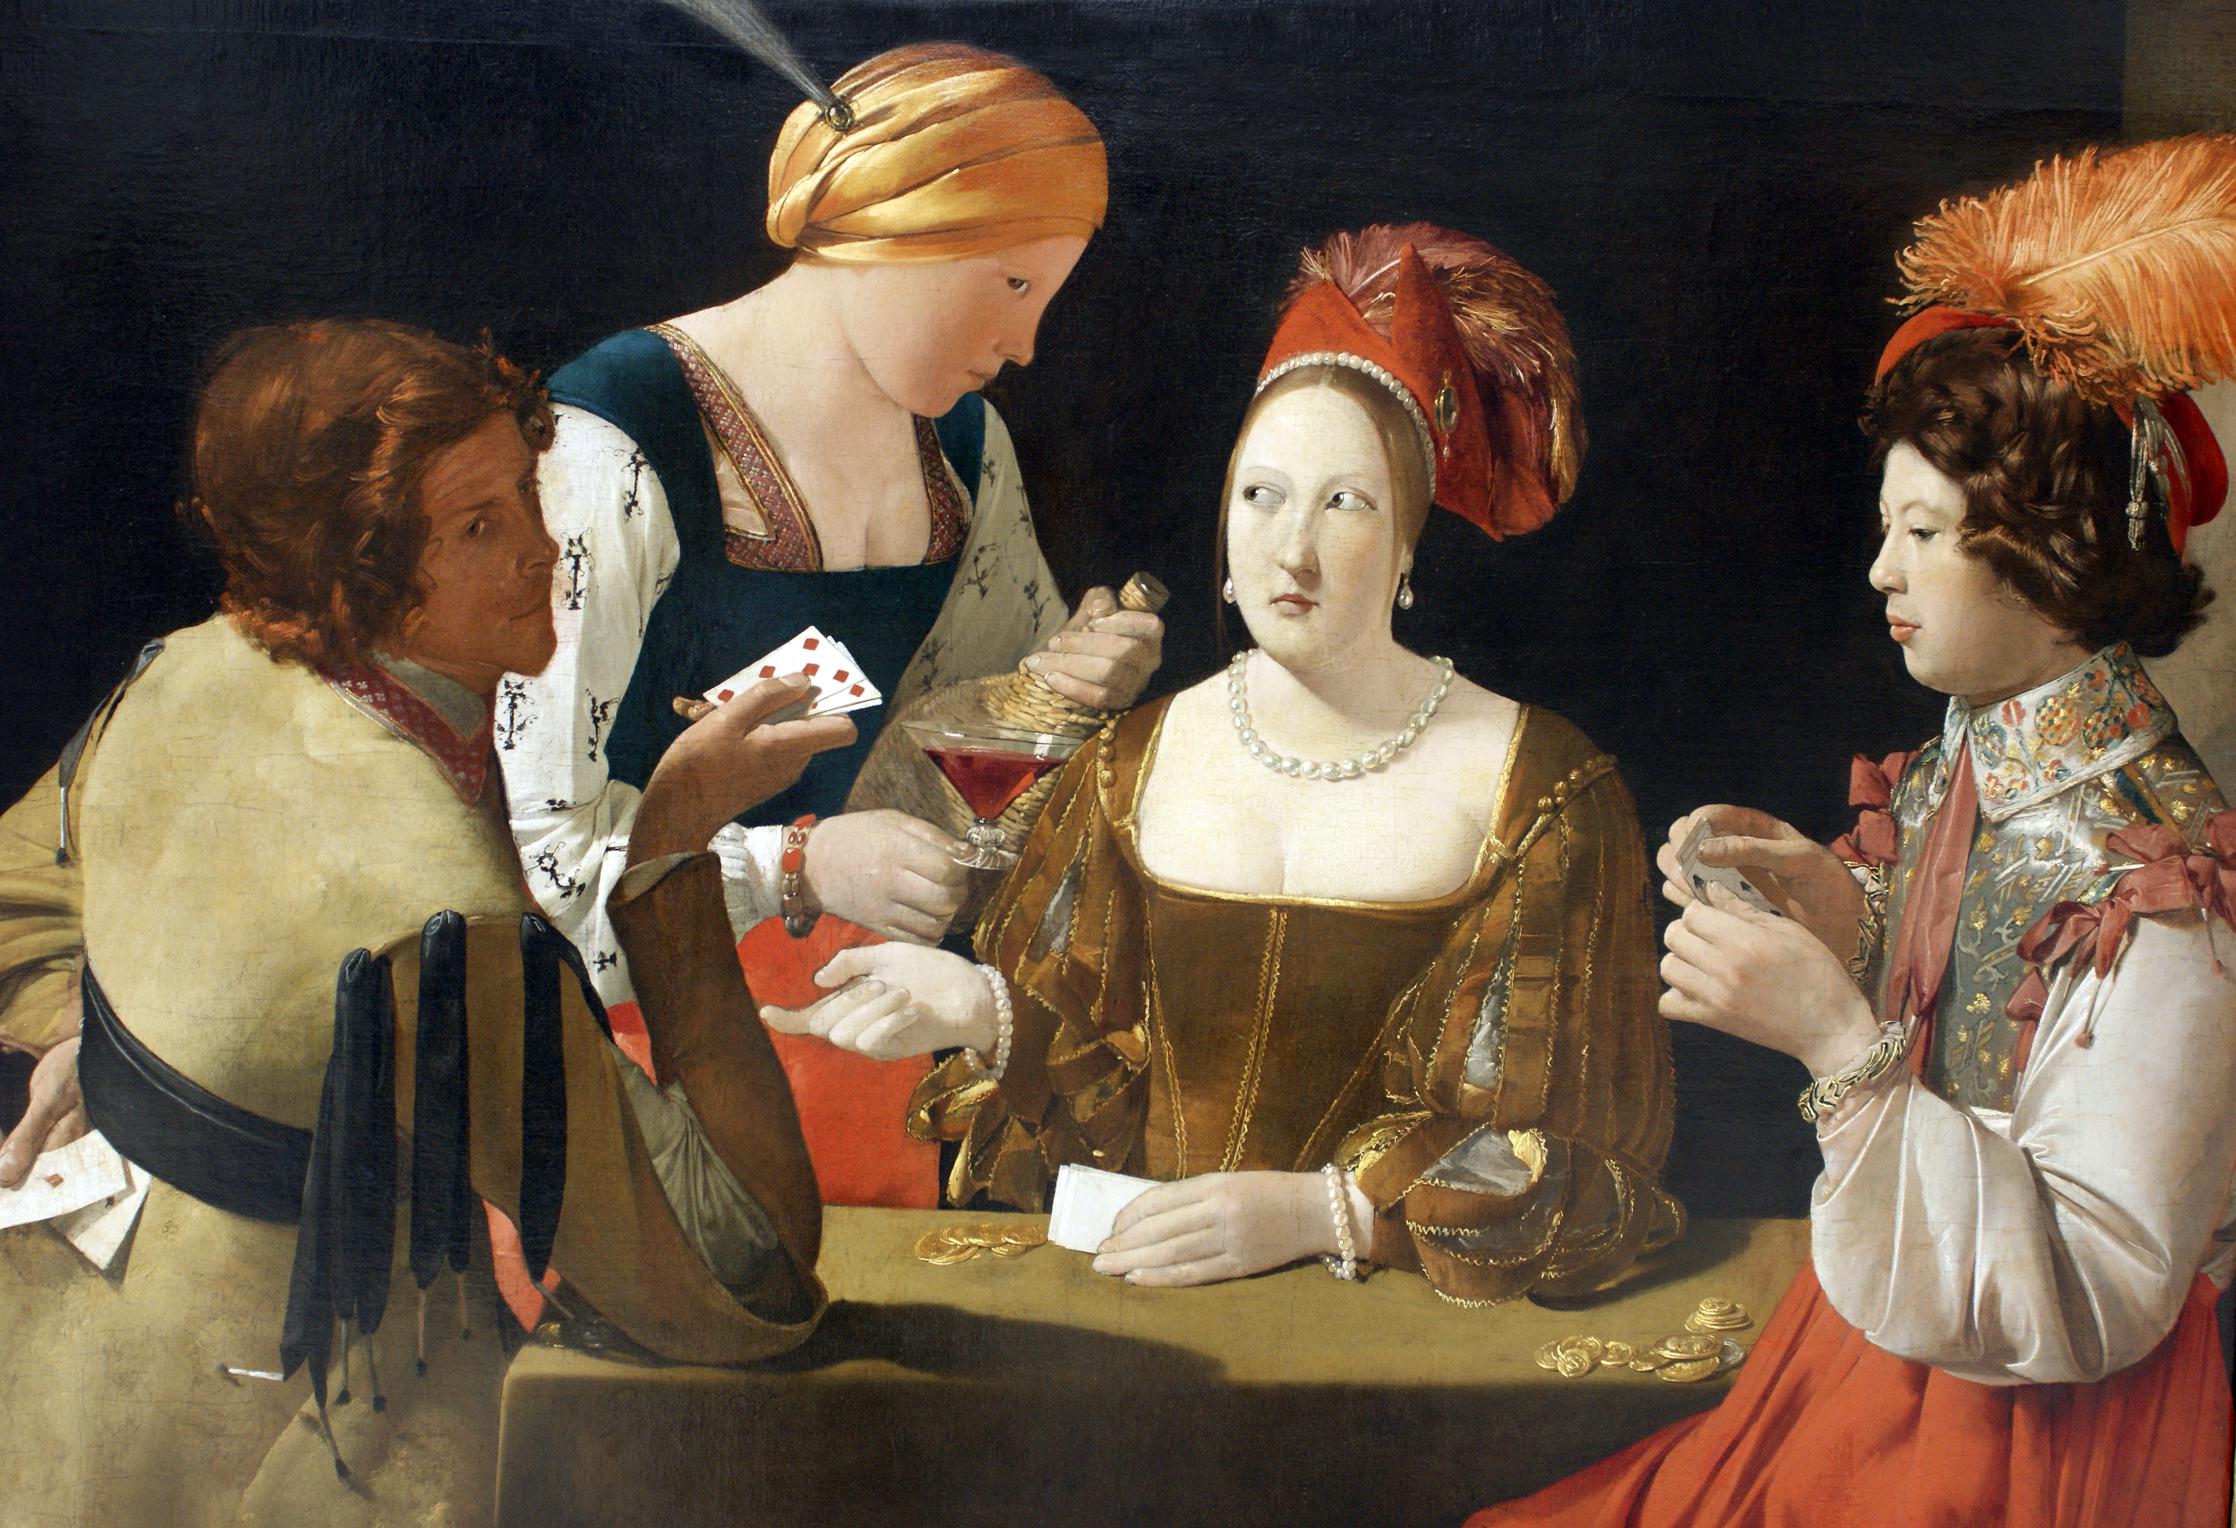 Le Tricheur à l'as de carreau, Georges de La Tour, 1636-1638